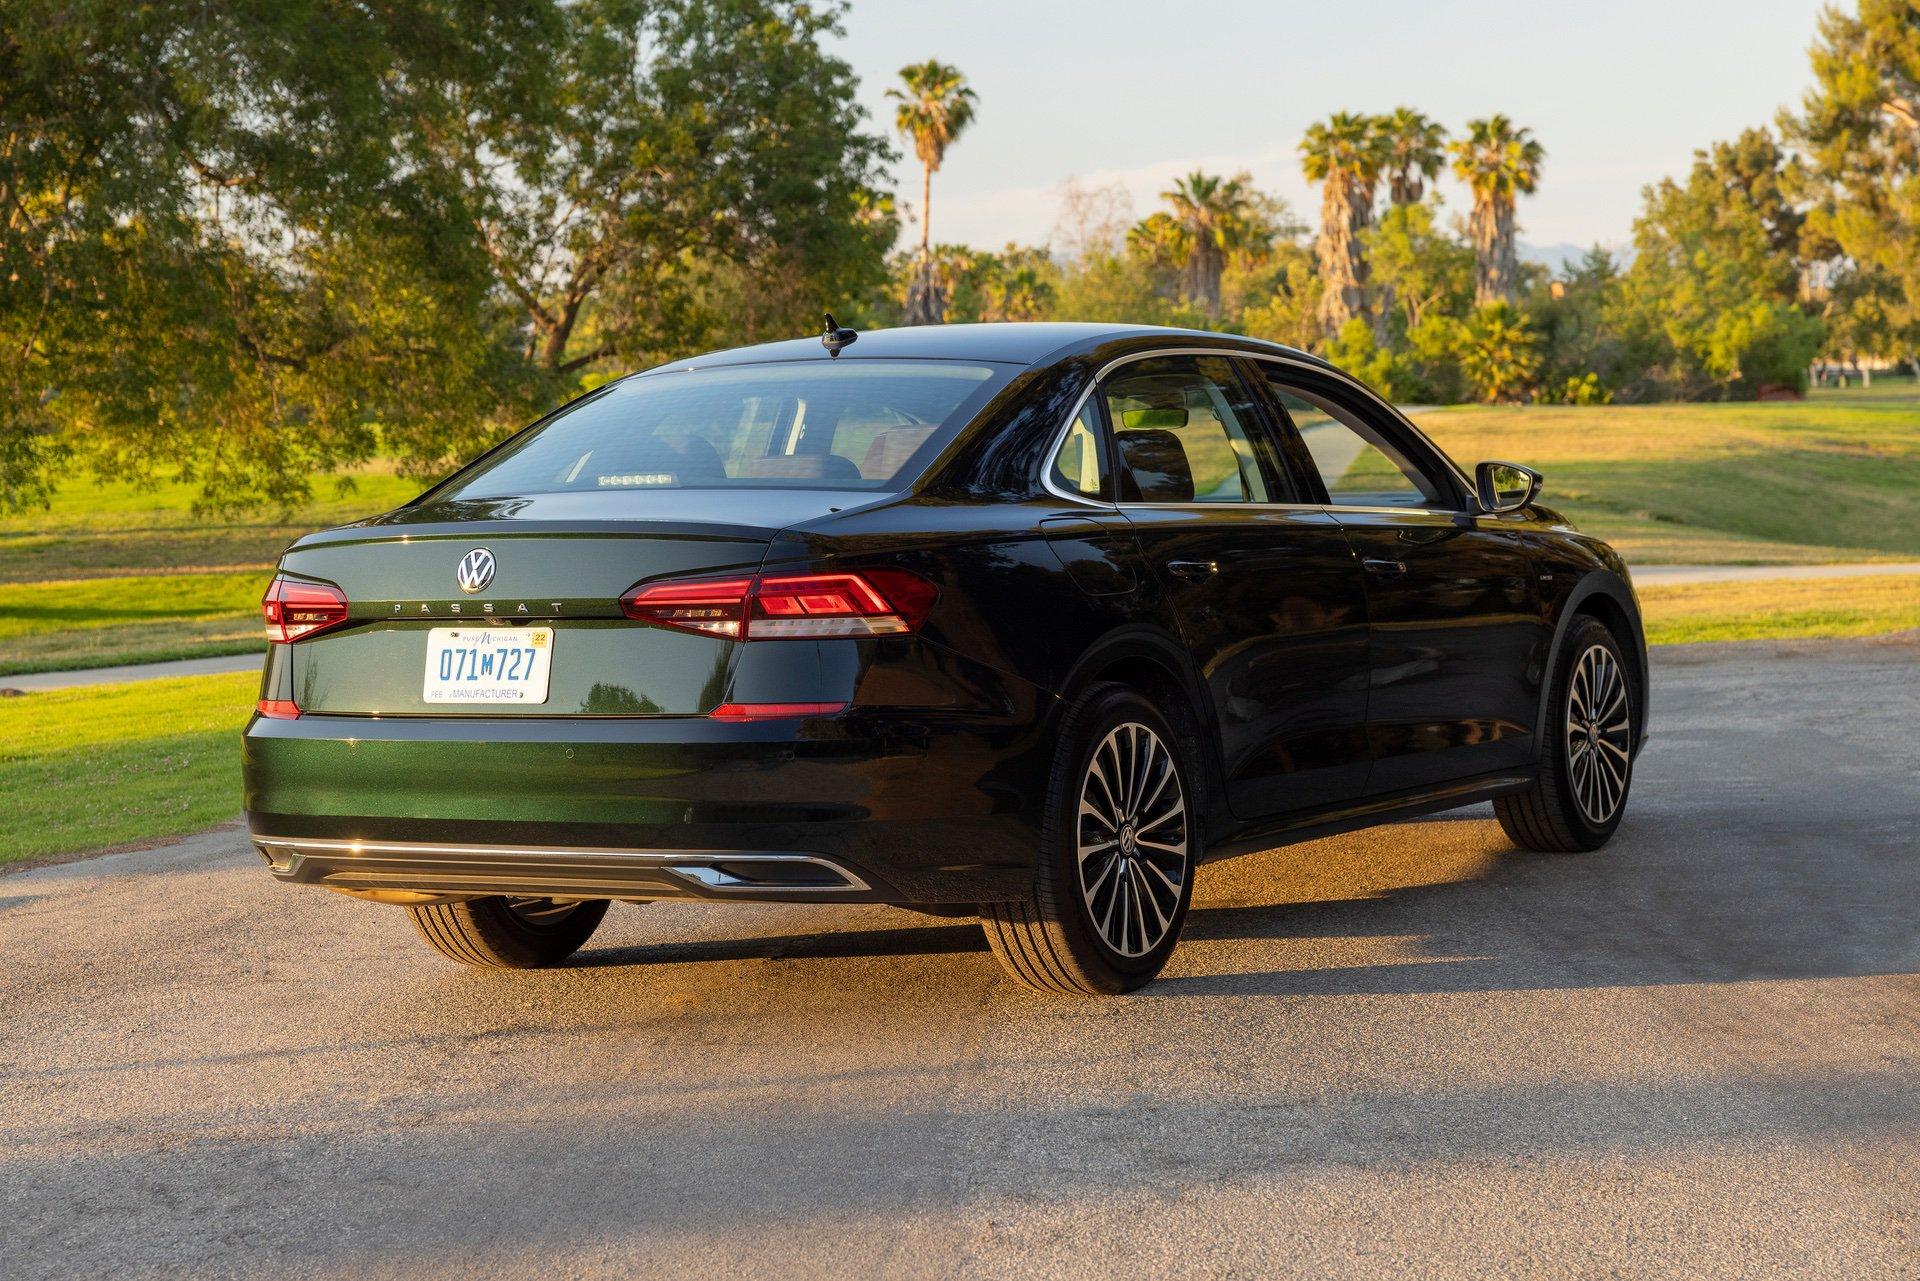 VW_Passat_Limited_Edition_US_spec-0005